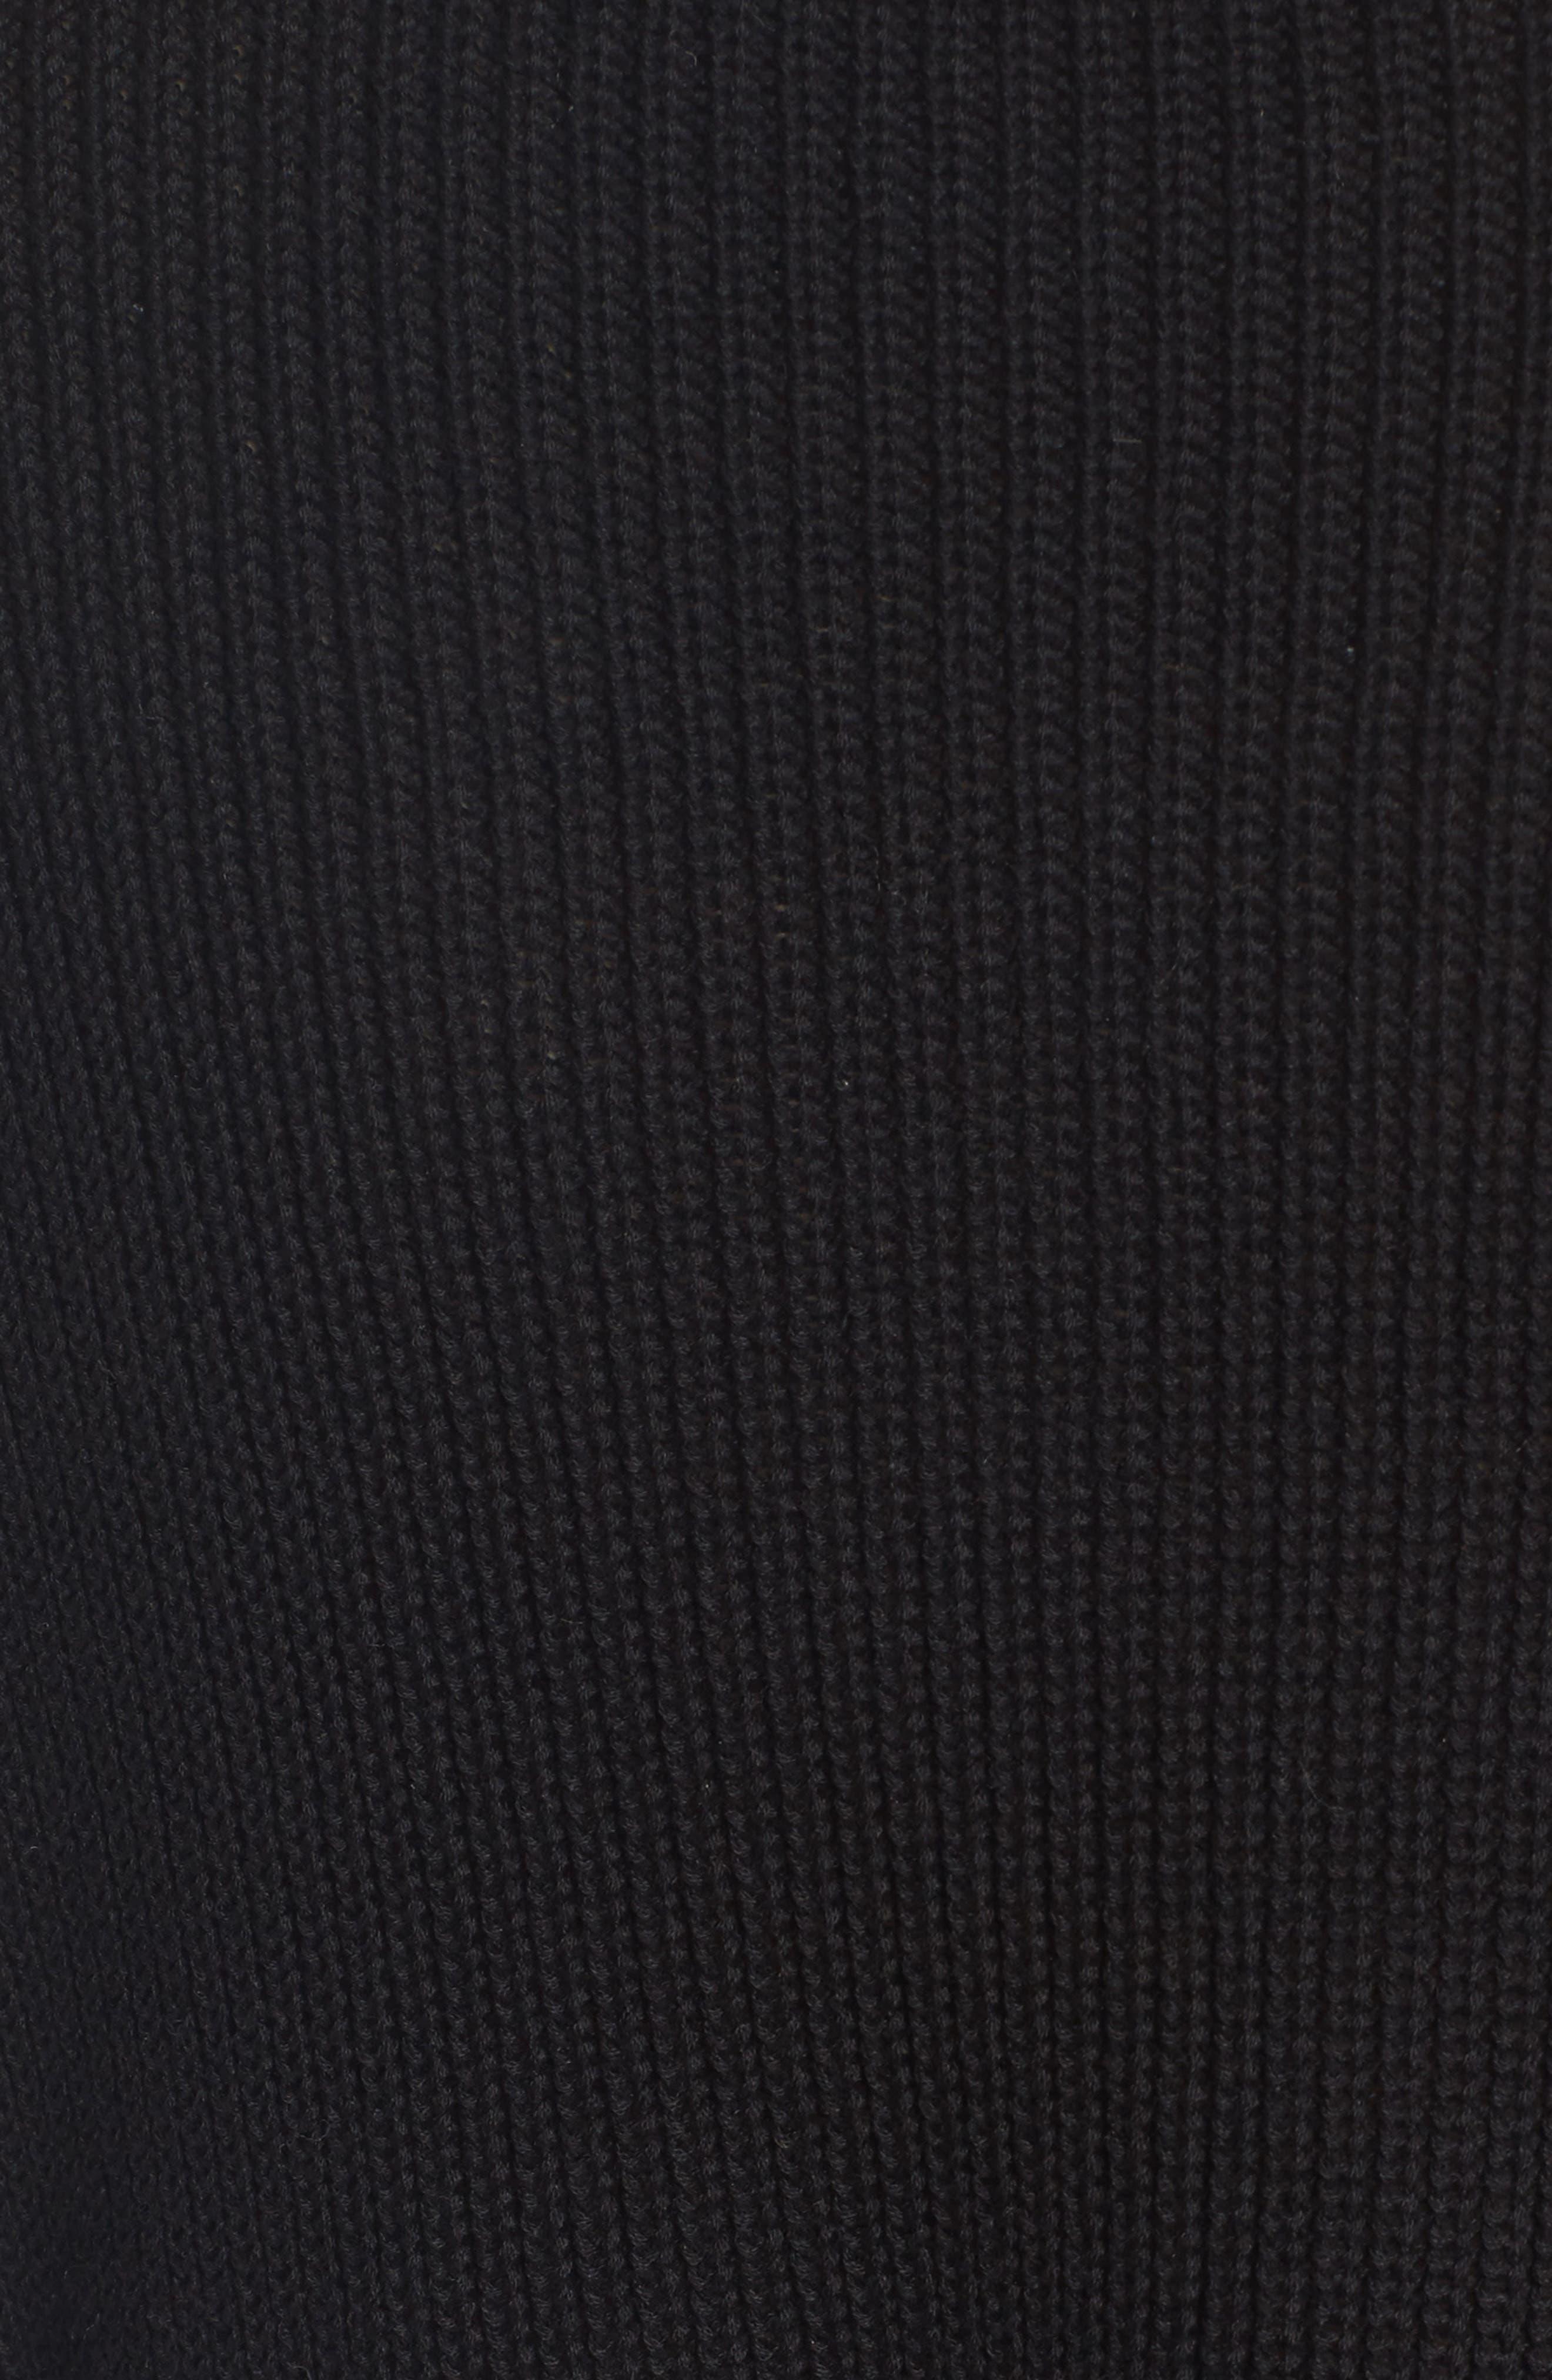 Grommet Sleeve Pullover,                             Alternate thumbnail 5, color,                             001